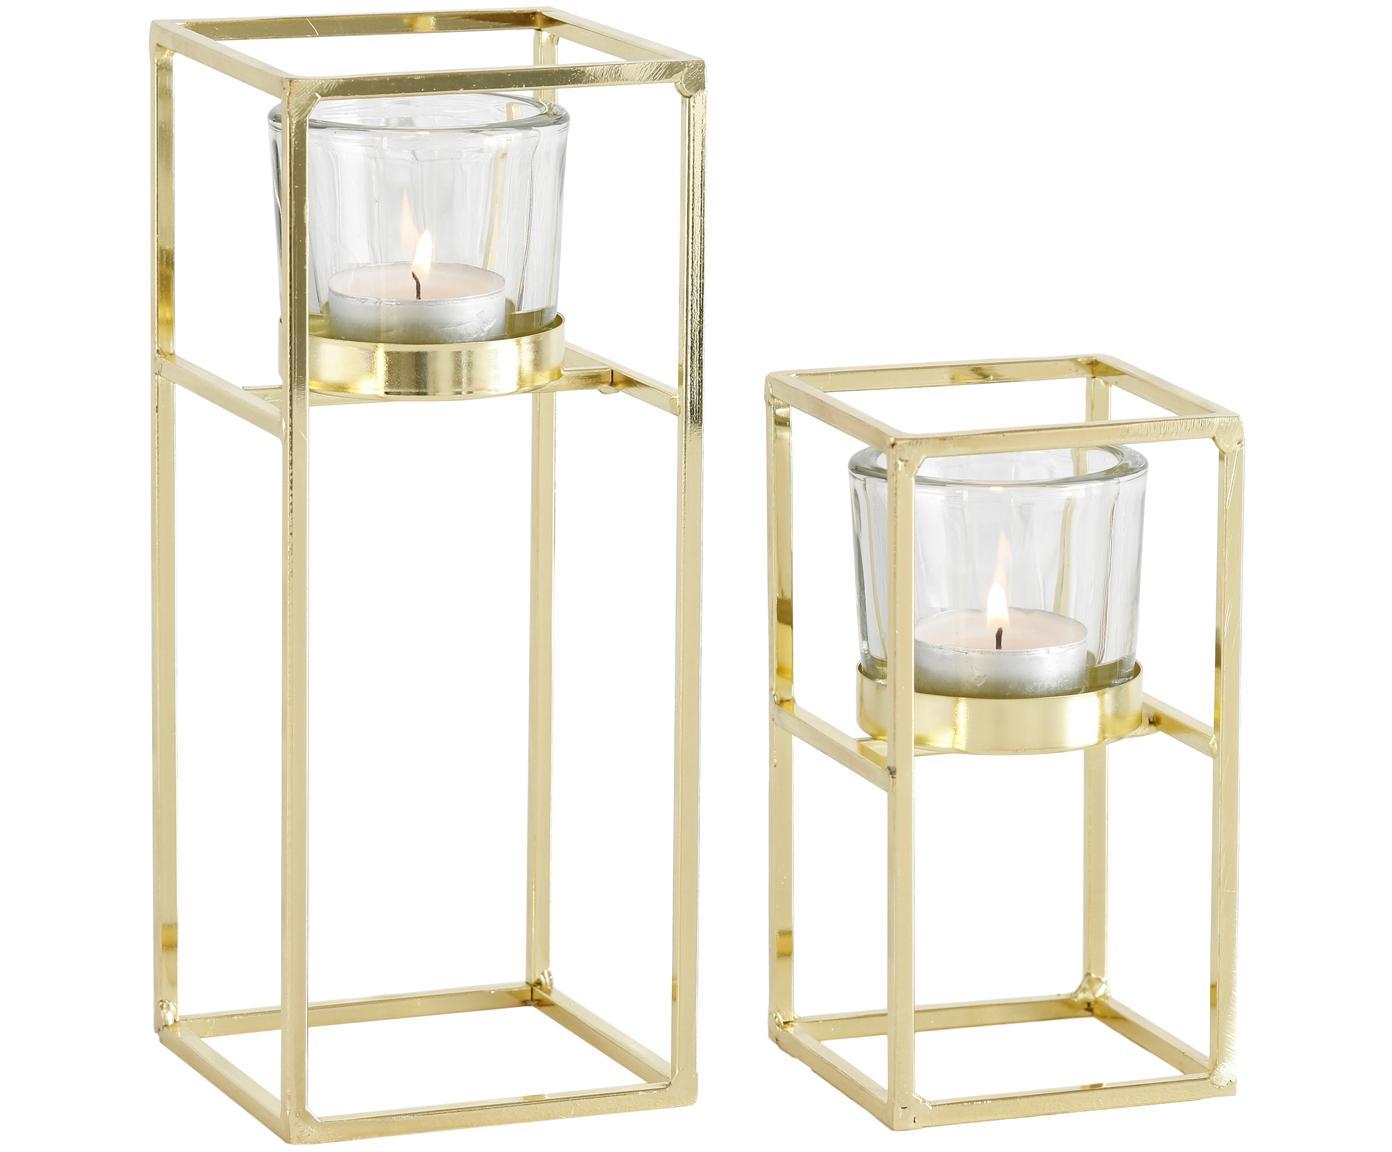 Windlichtenset Tomba, 2-delig, Windlicht: glas, Frame: gecoat metaal, Transparant, messingkleurig, Verschillende formaten